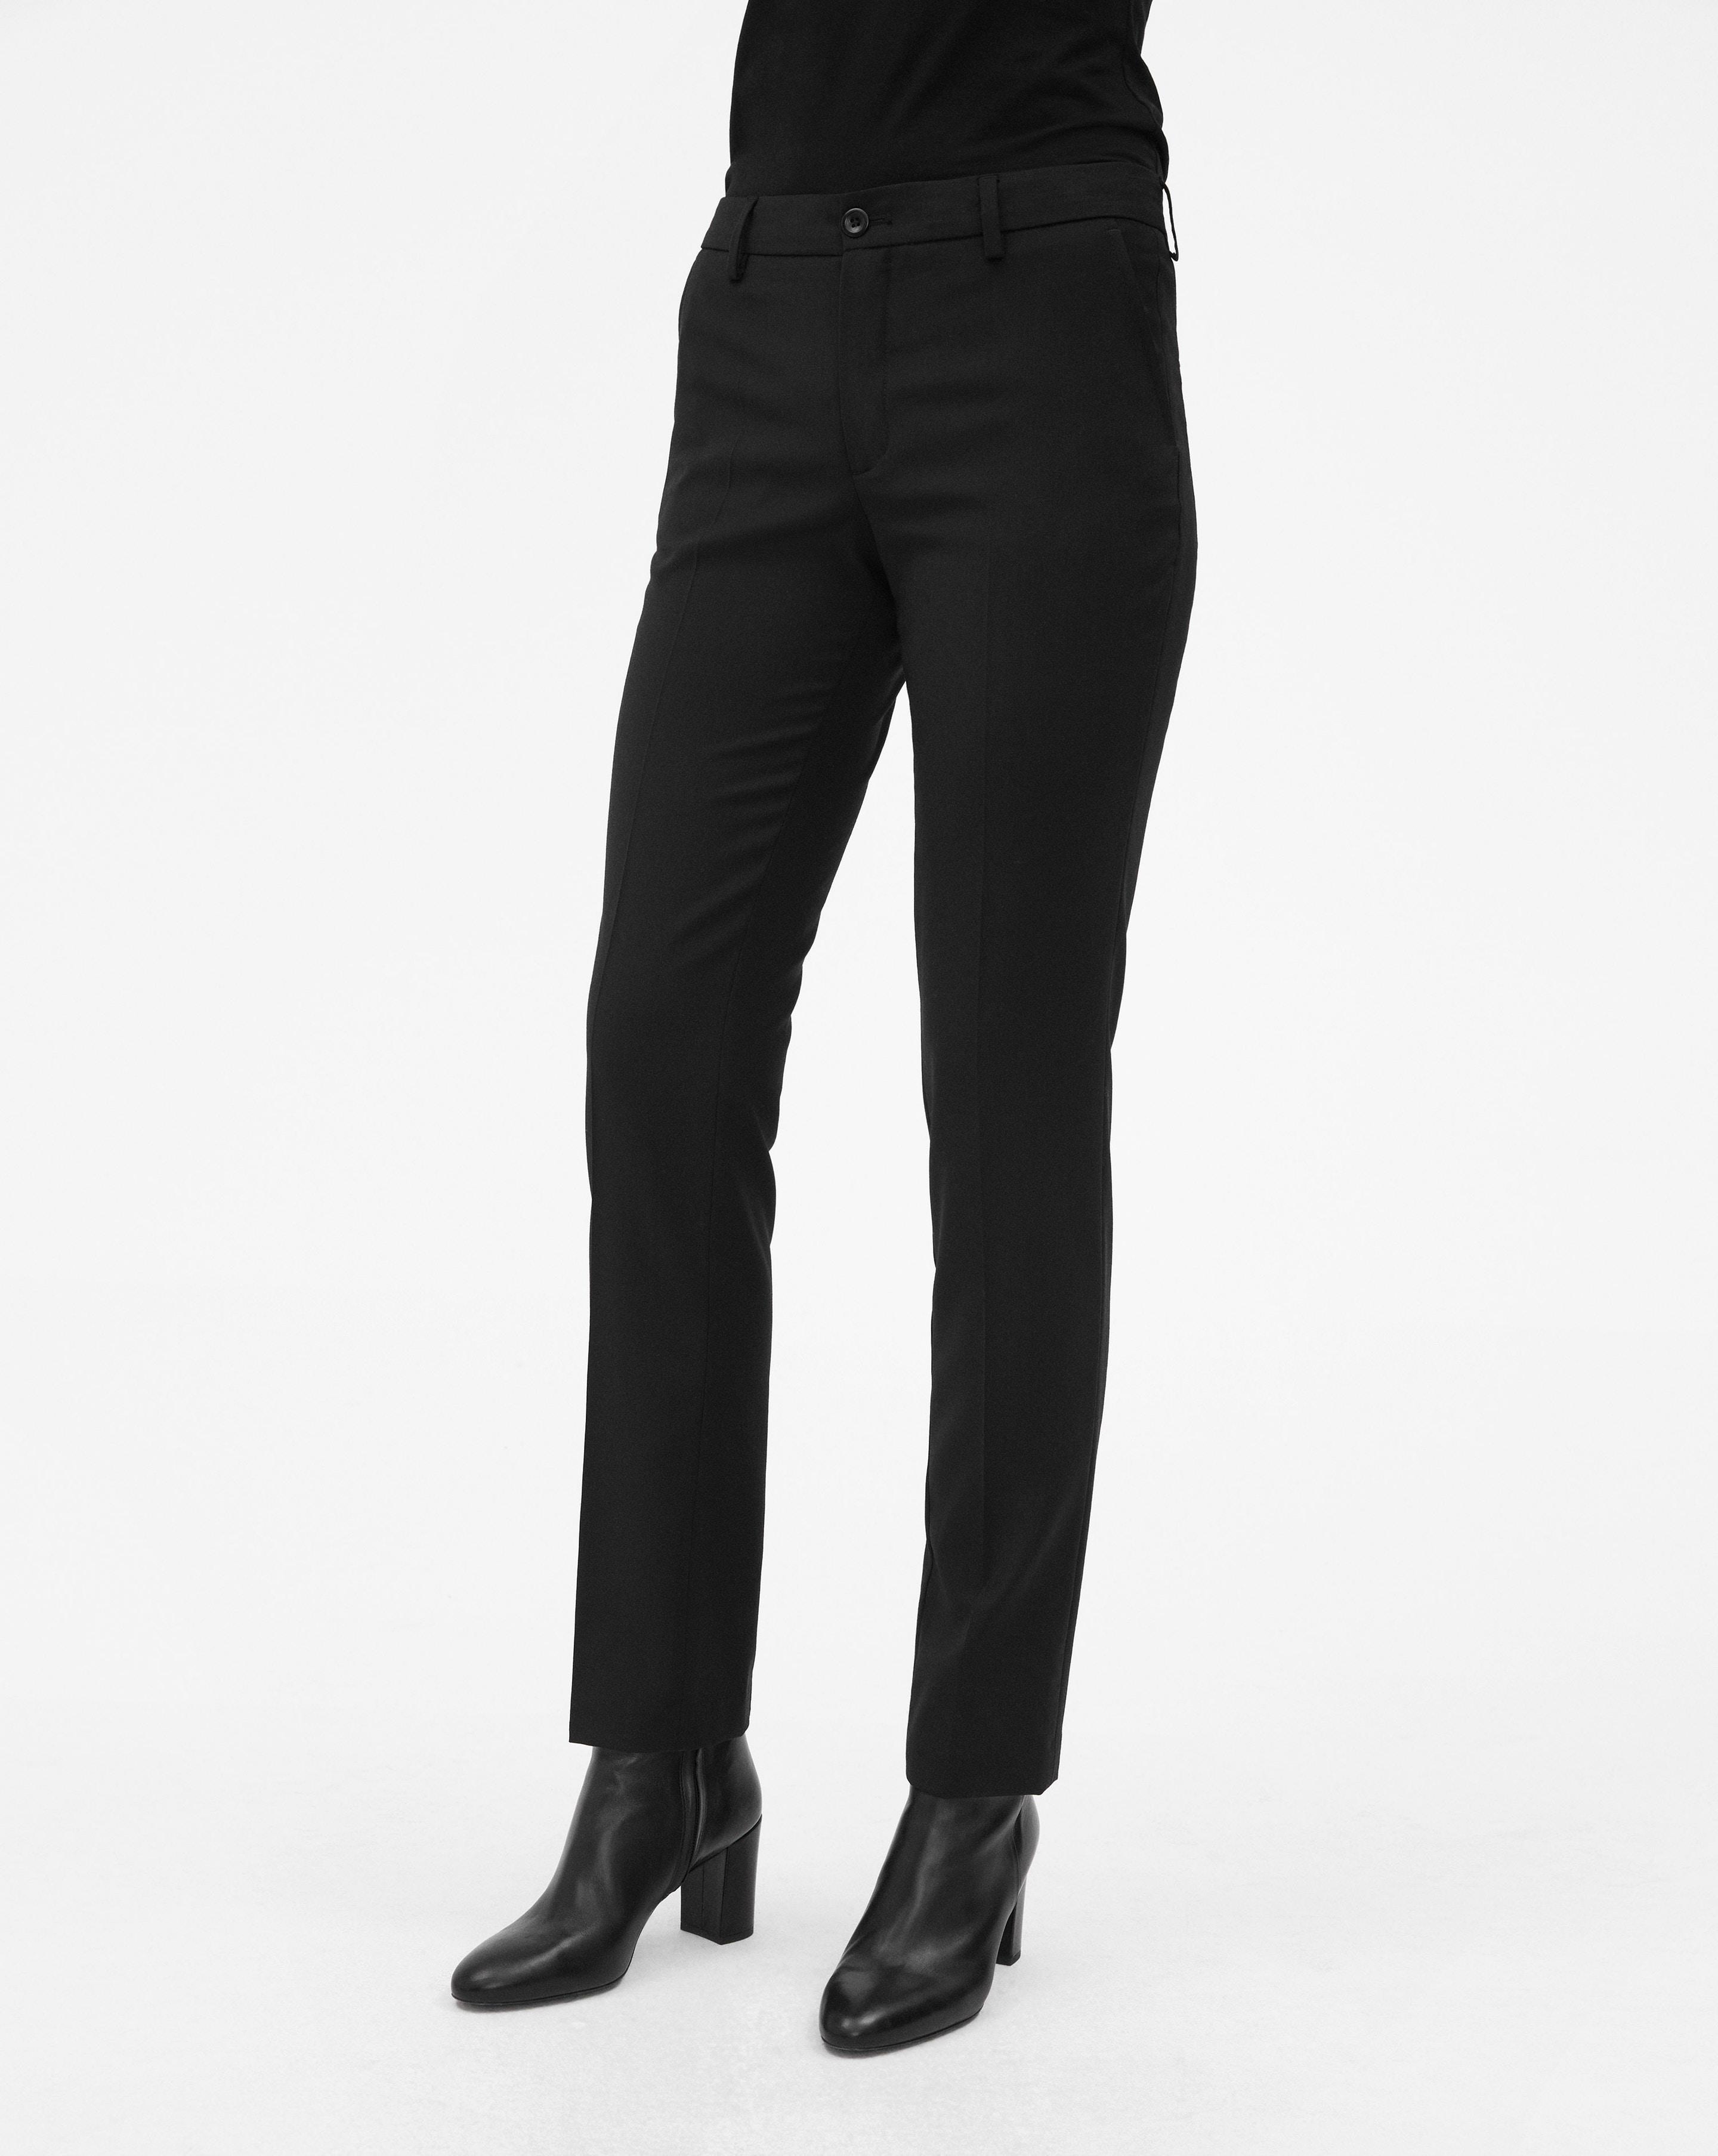 Lyst - Filippa K Luisa Cool Wool Slack Black in Black f4fffcabc7275